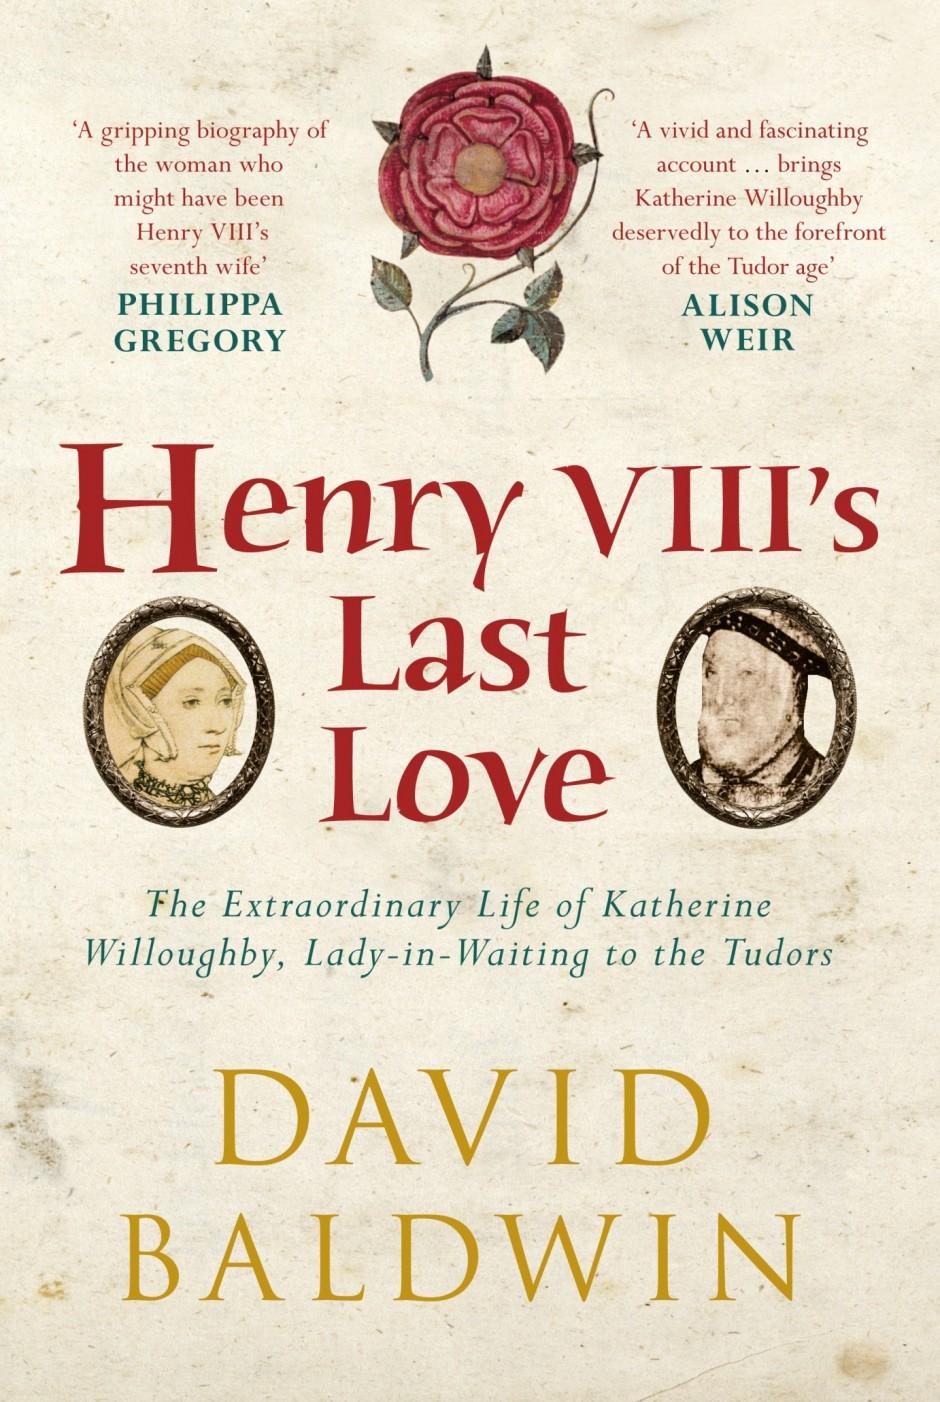 Henry VIII's last love large